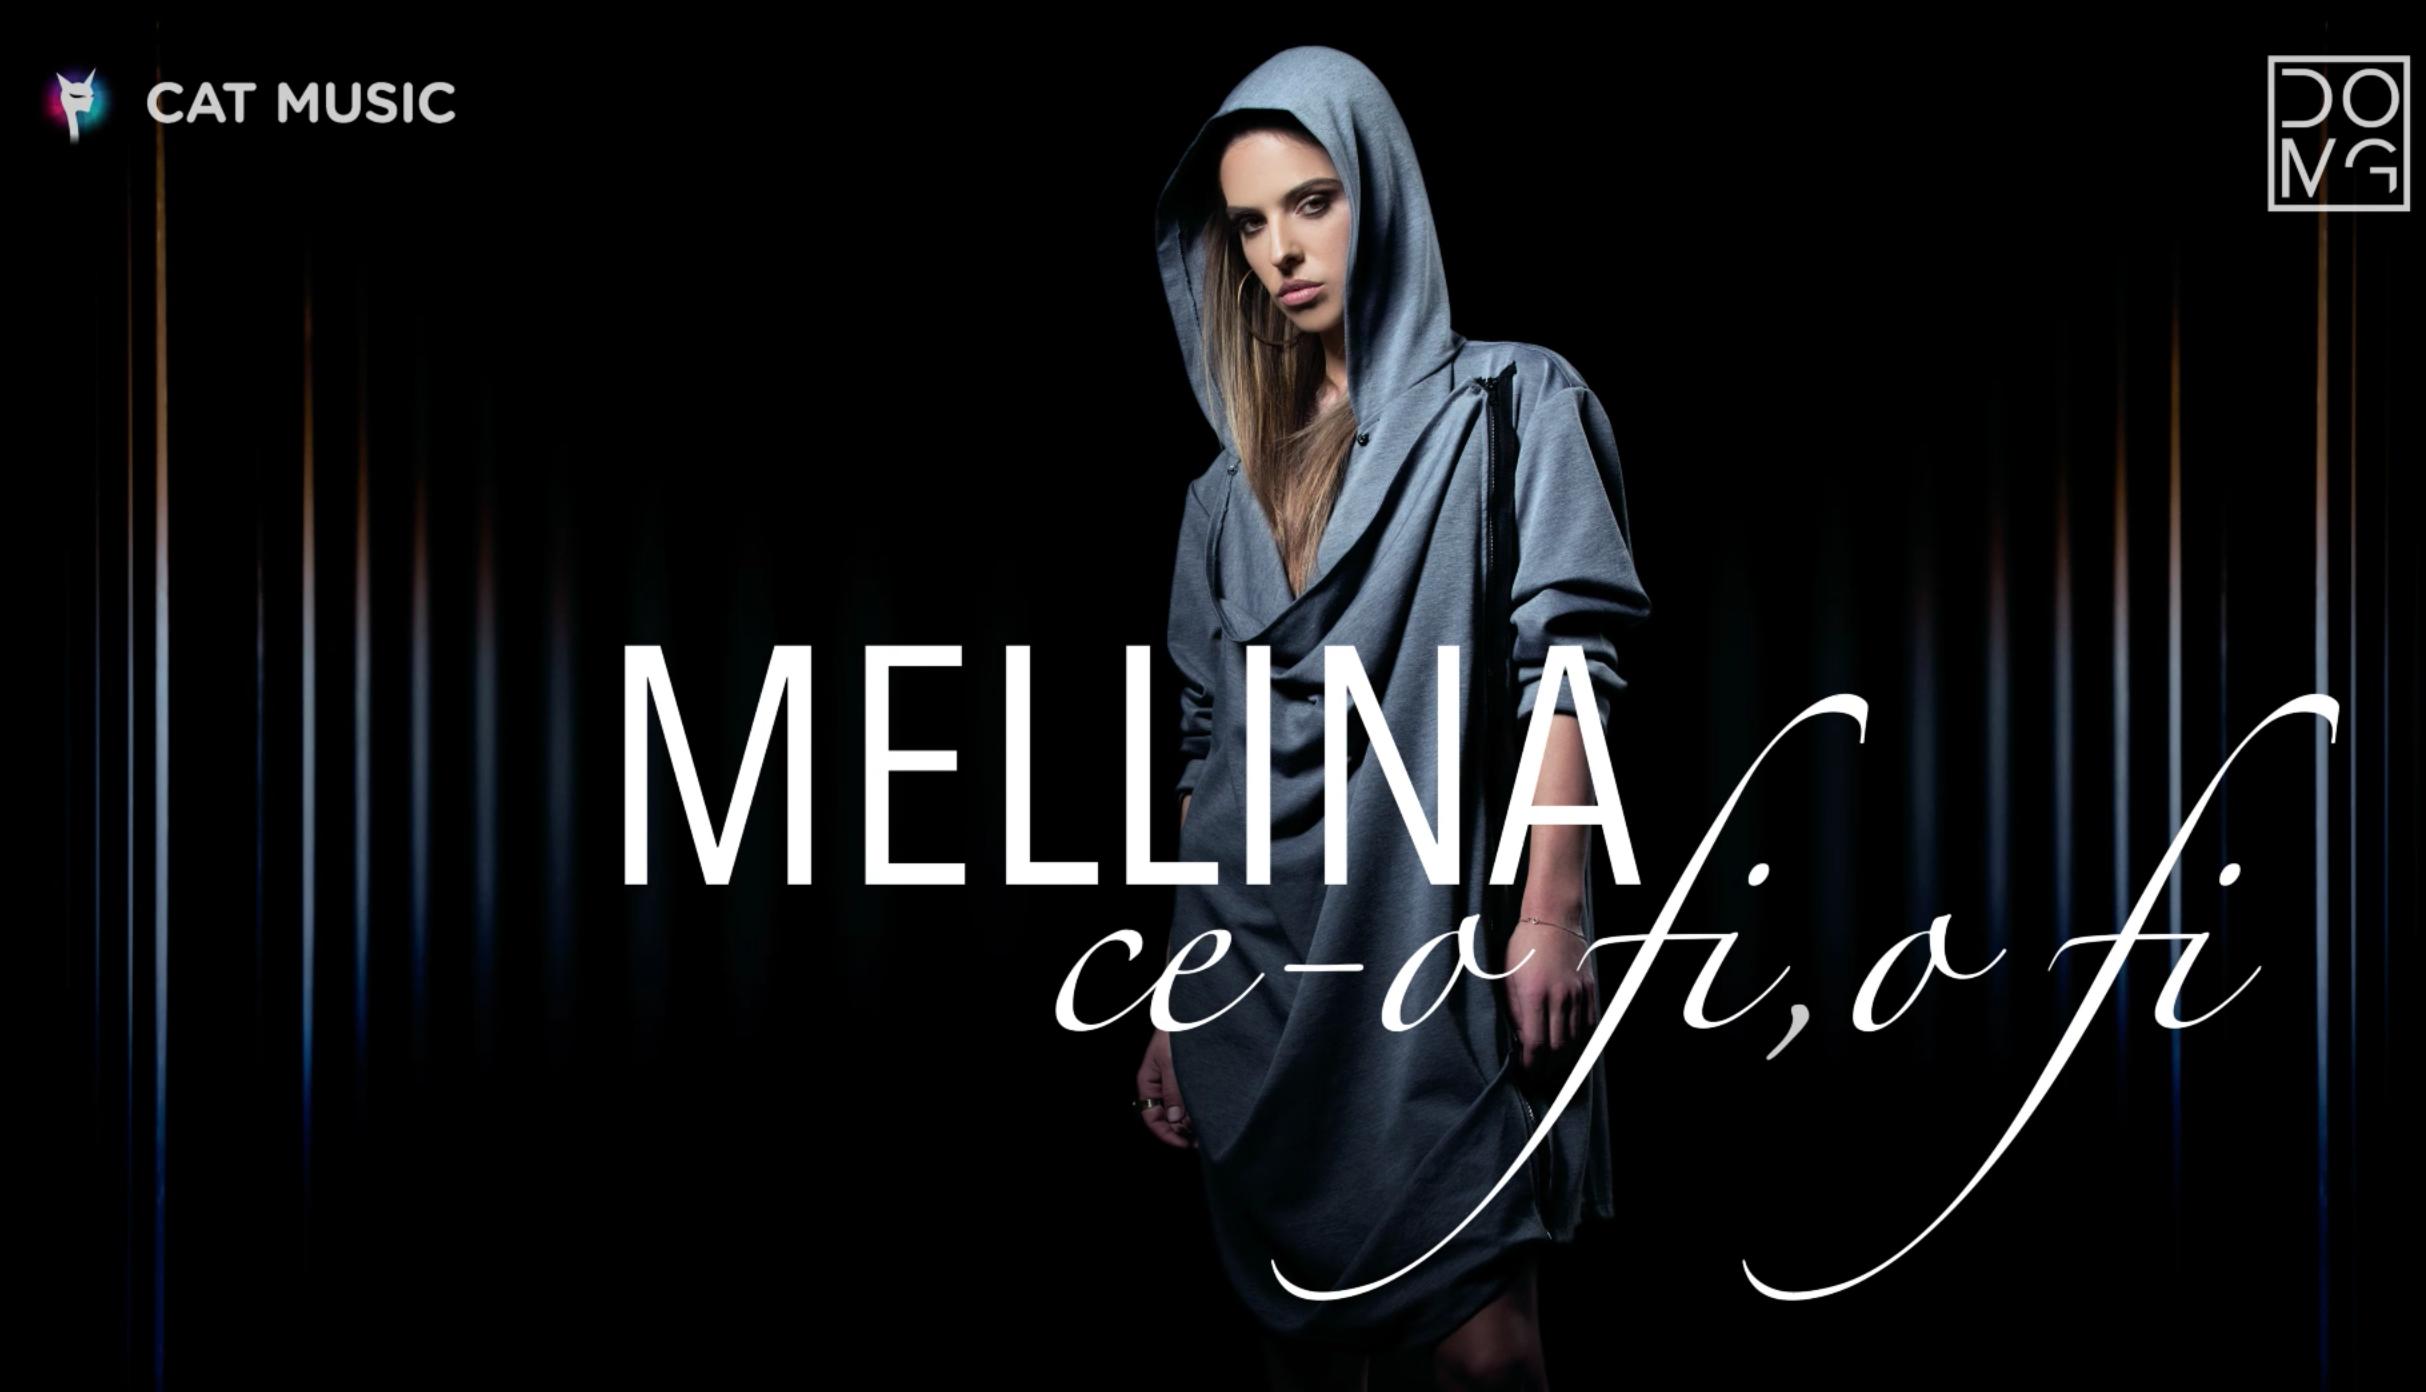 """Mellina lanseaza single ul """"Ce-o fi, o fi"""""""